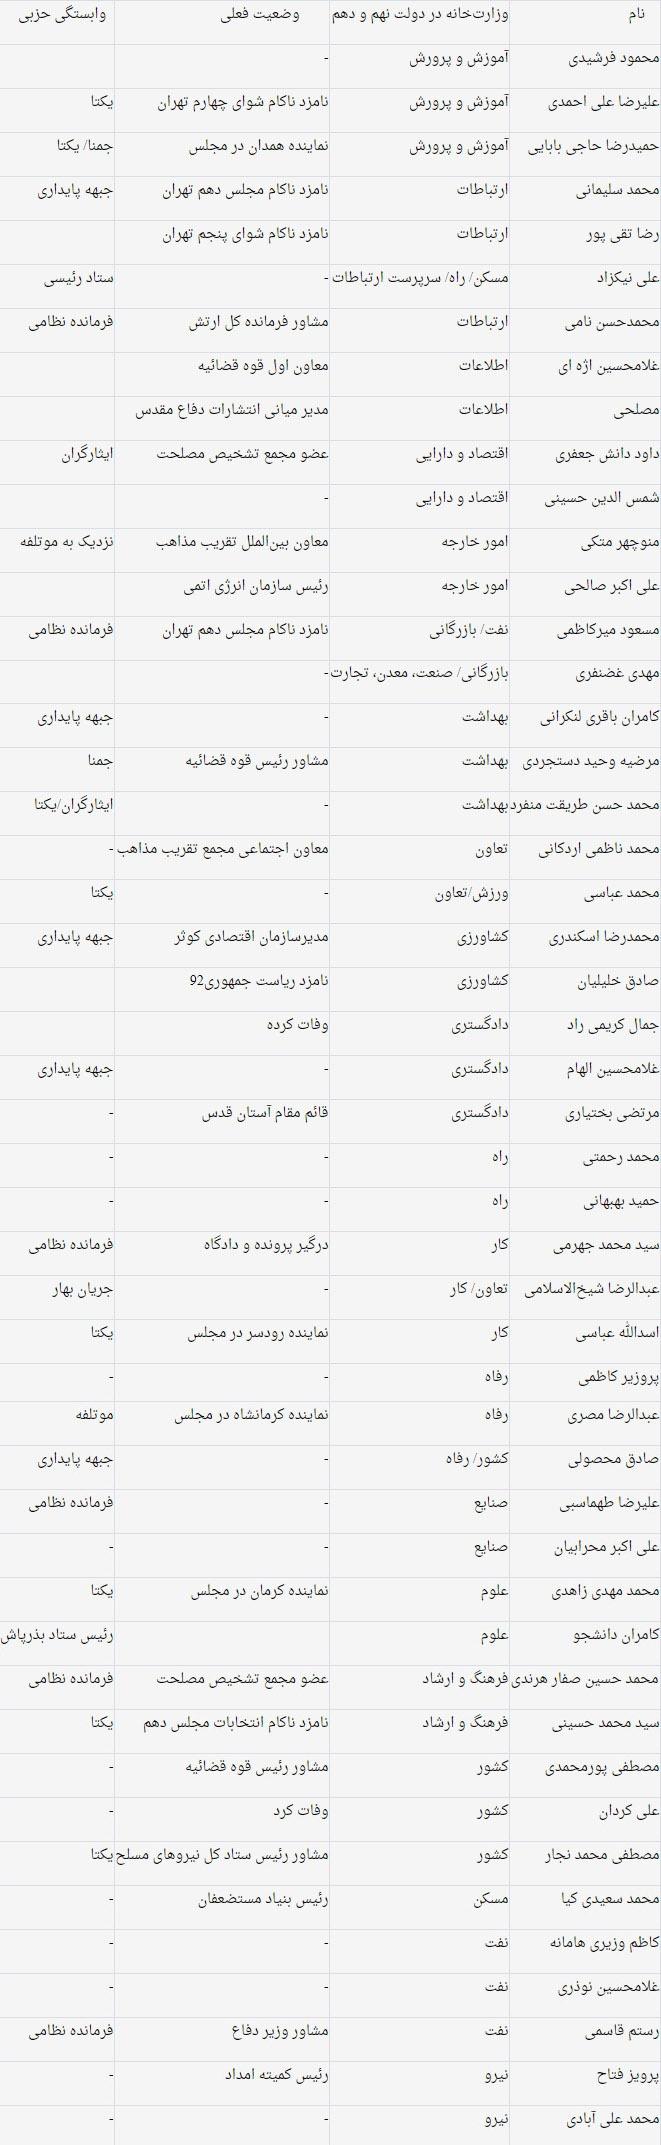 وزرا احمدی نژاد